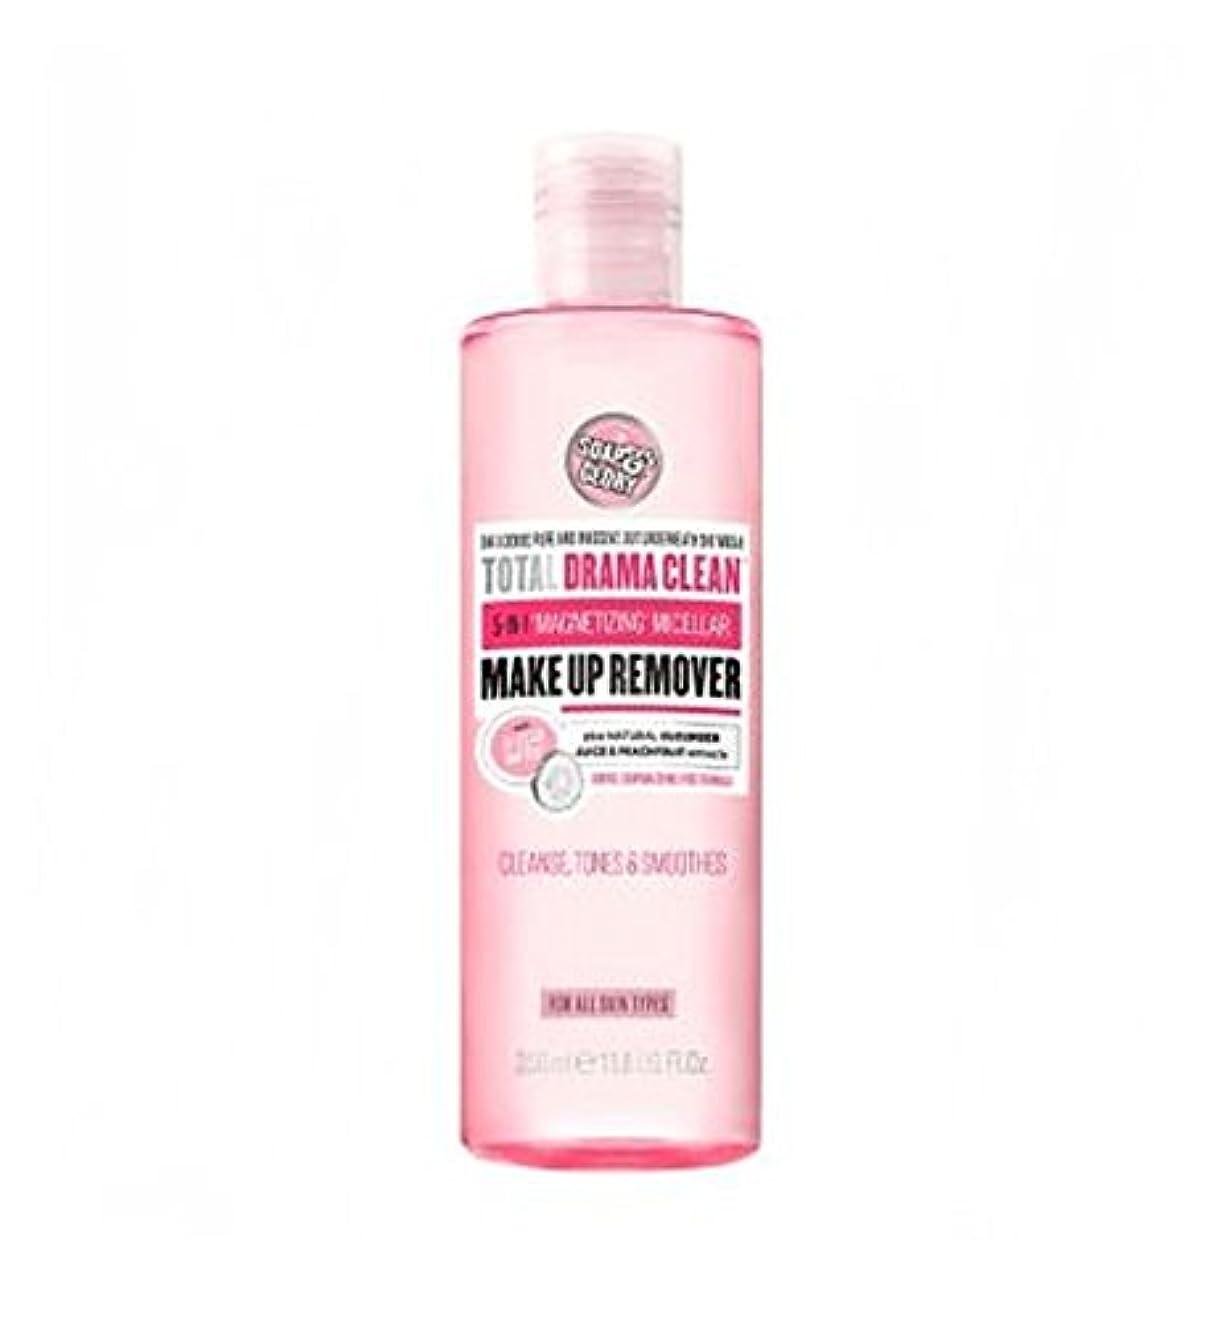 傾向春放棄Soap & Glory DRAMA CLEAN? 5-in-1 Micellar Cleansing Water 350ml - 石鹸&栄光のドラマクリーン?5-In-1のミセル洗浄水350ミリリットル (Soap &...